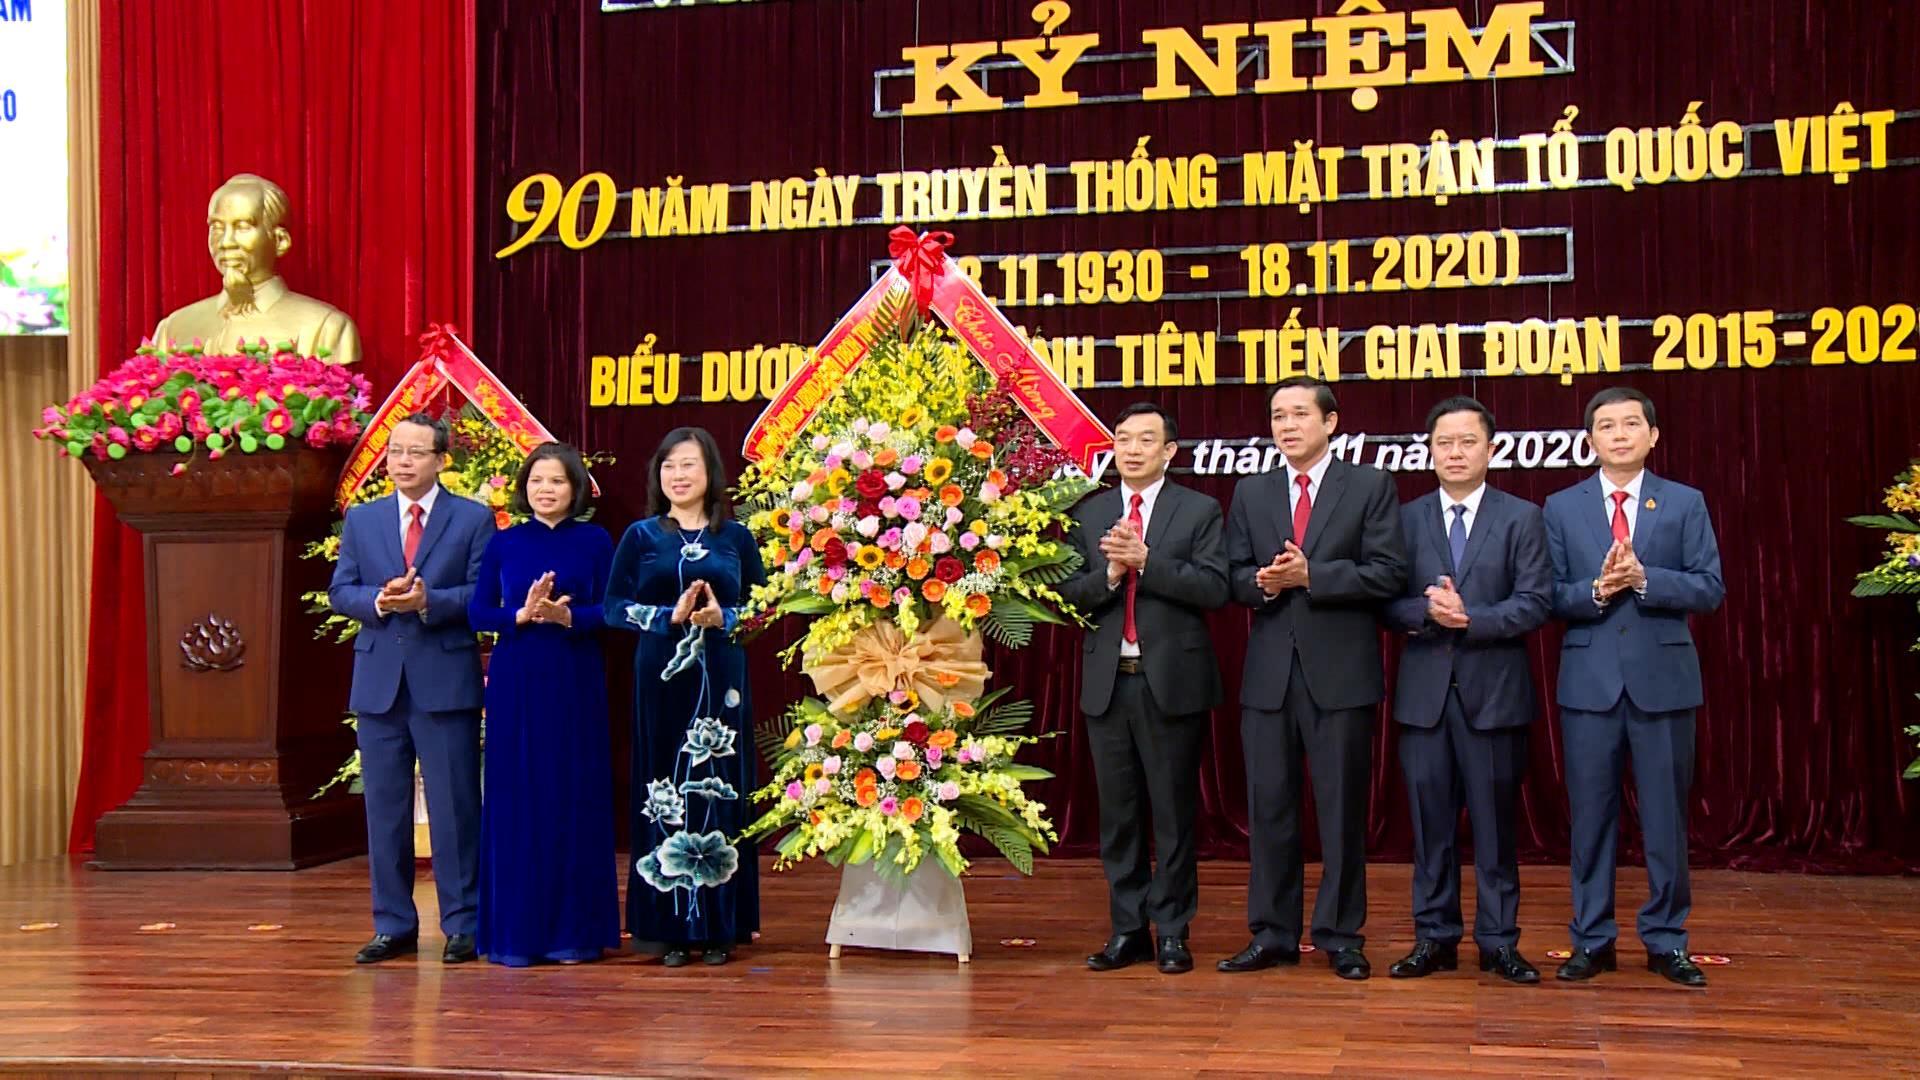 Kỷ niệm 90 năm ngày truyền thống MTTQ Việt Nam